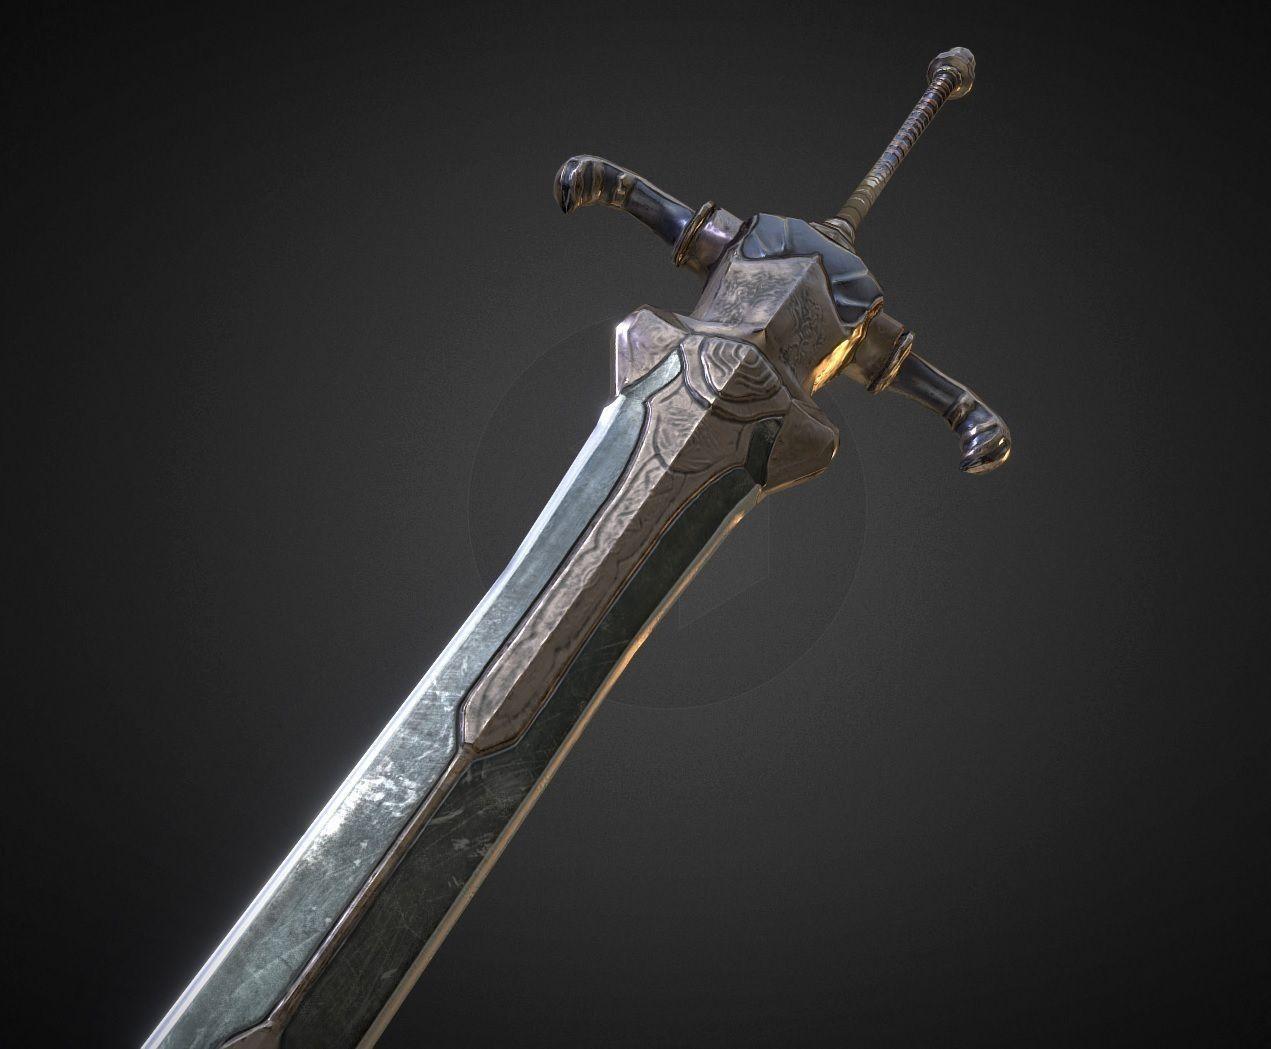 ♕ SPIRIT BRINGERS: EMPYREAN REALM. (SAGA DE UNUKALHAI) - Página 21 Sword_of_artorias_3d_model_e96f8a2e-15ef-45e3-a7e5-e5cd6451c5da